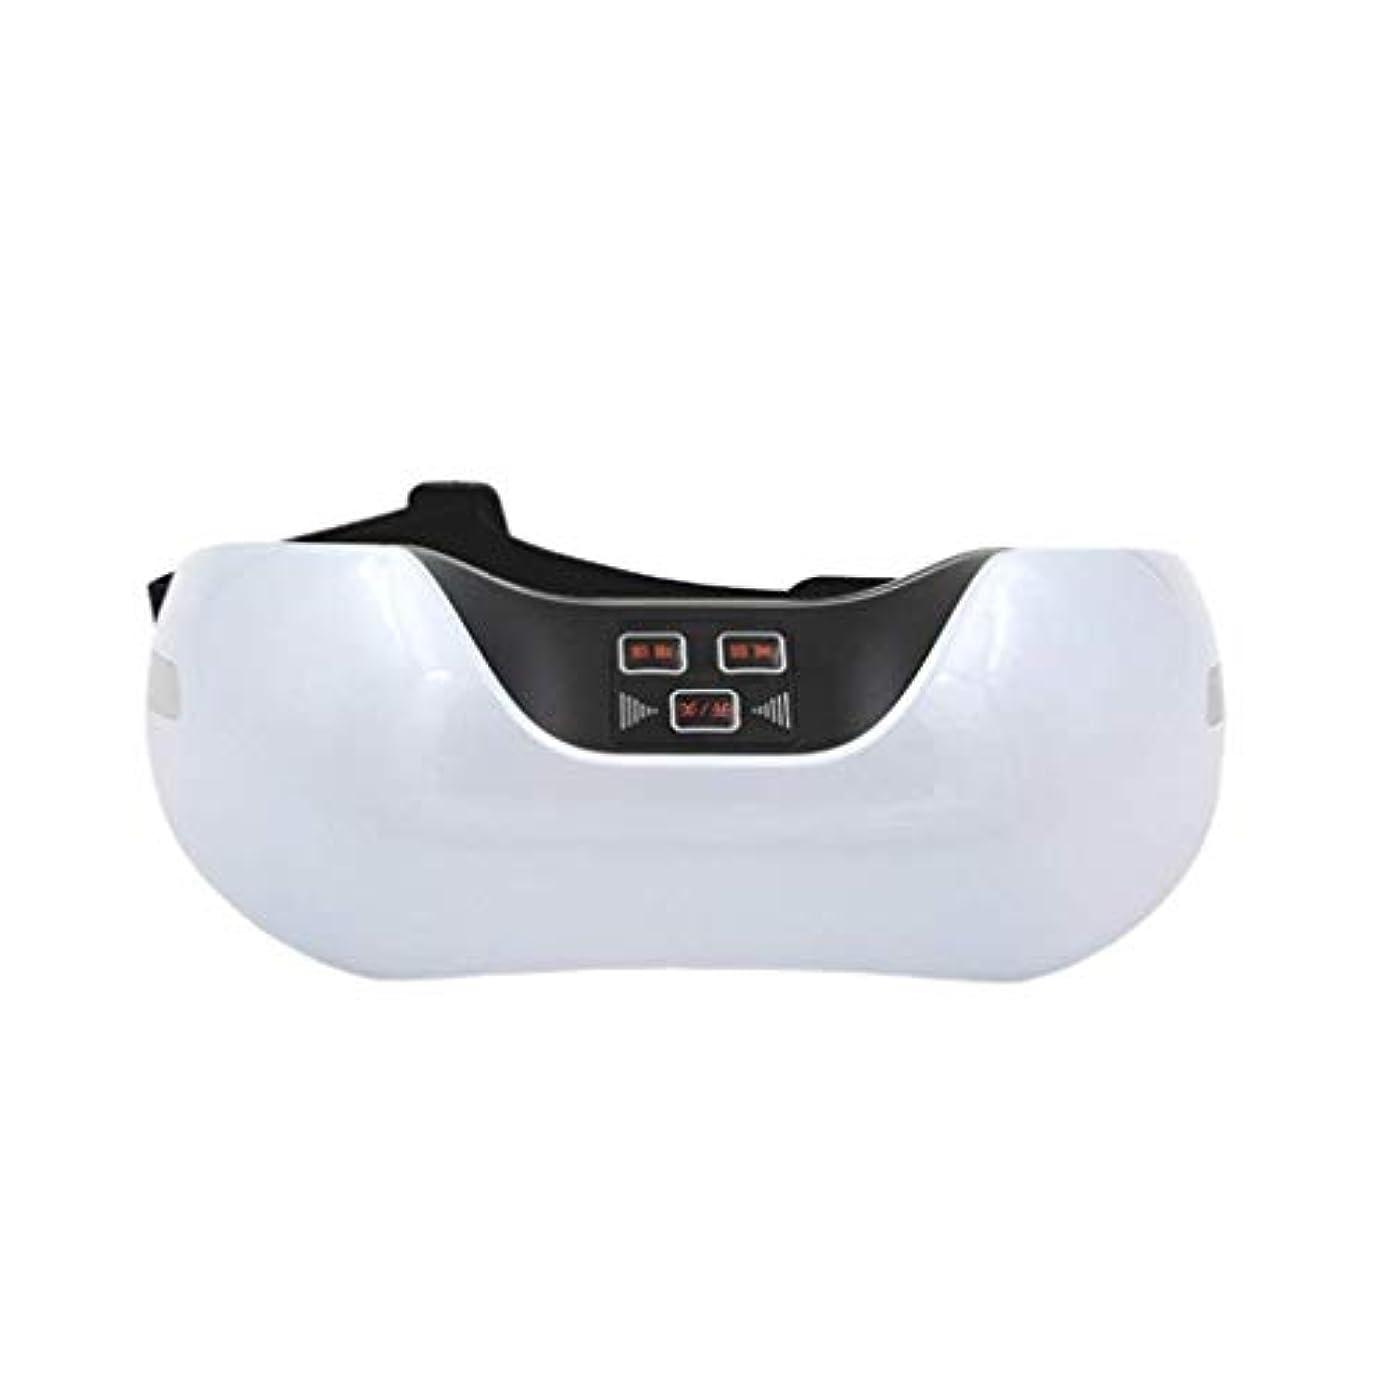 ずっとドループ蒸留するアイマッサージャー、電動アイマッサージアイマスク、USB充電アイリラクゼーションヘルスマシン、視覚保護デバイス、振動リラクゼーション治療、疲労回復 (Color : 白)